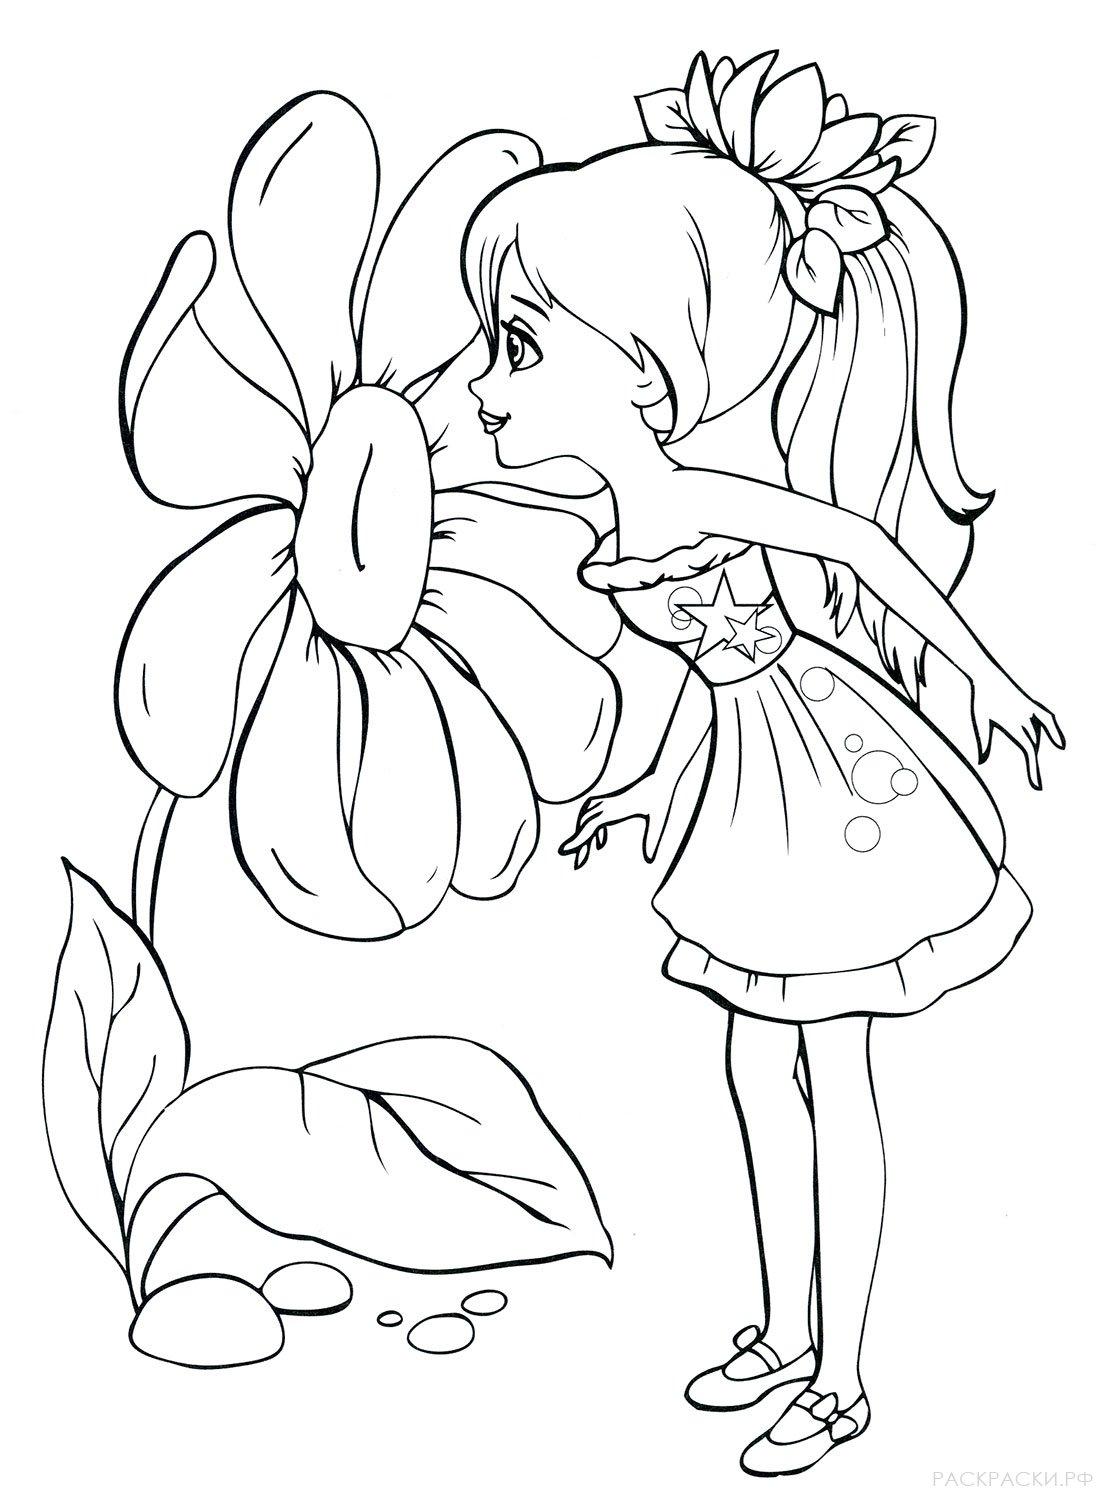 Раскраска Девочка нюхает цветок